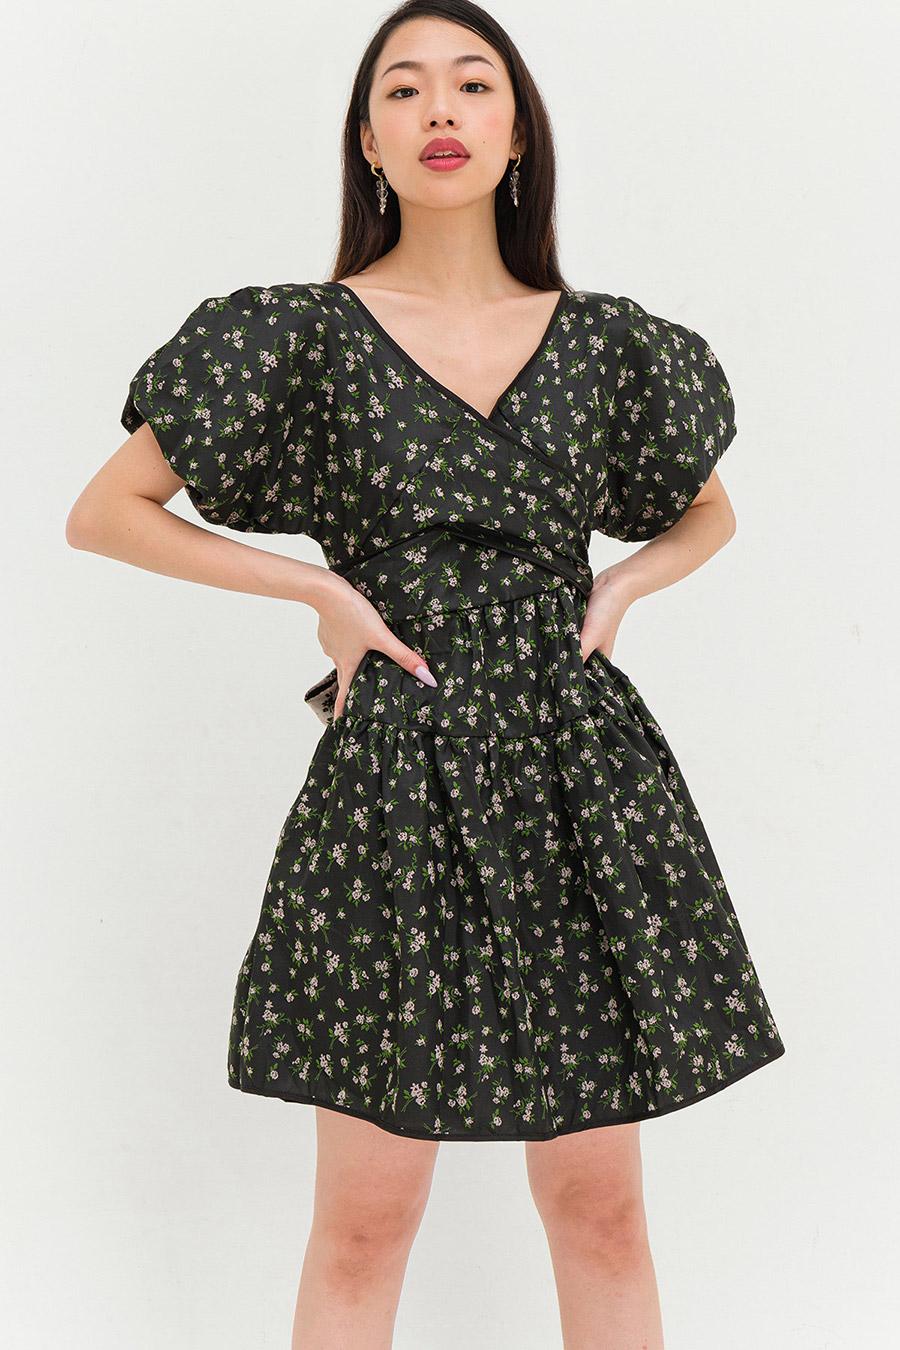 WHEELER DRESS - NOIR FLEUR